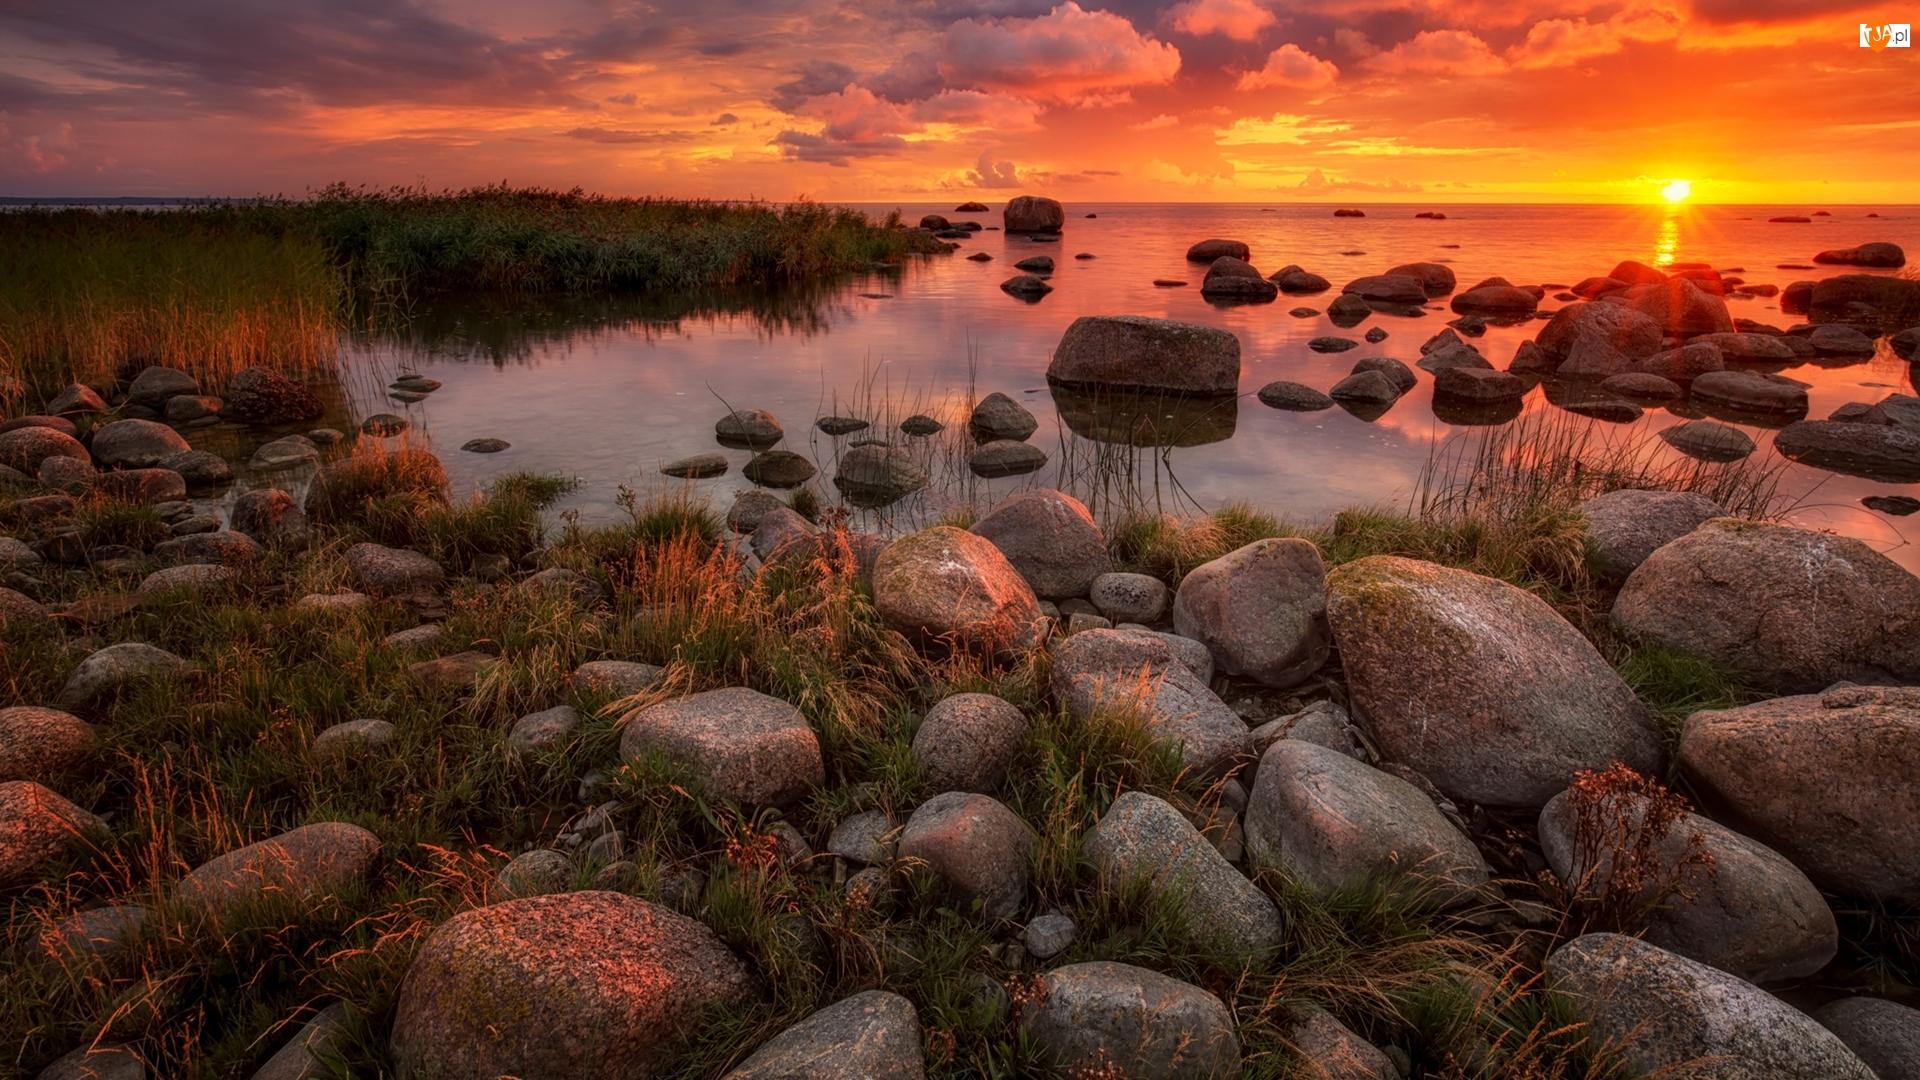 Zachód słońca, Morze, Kamienie, Trawa